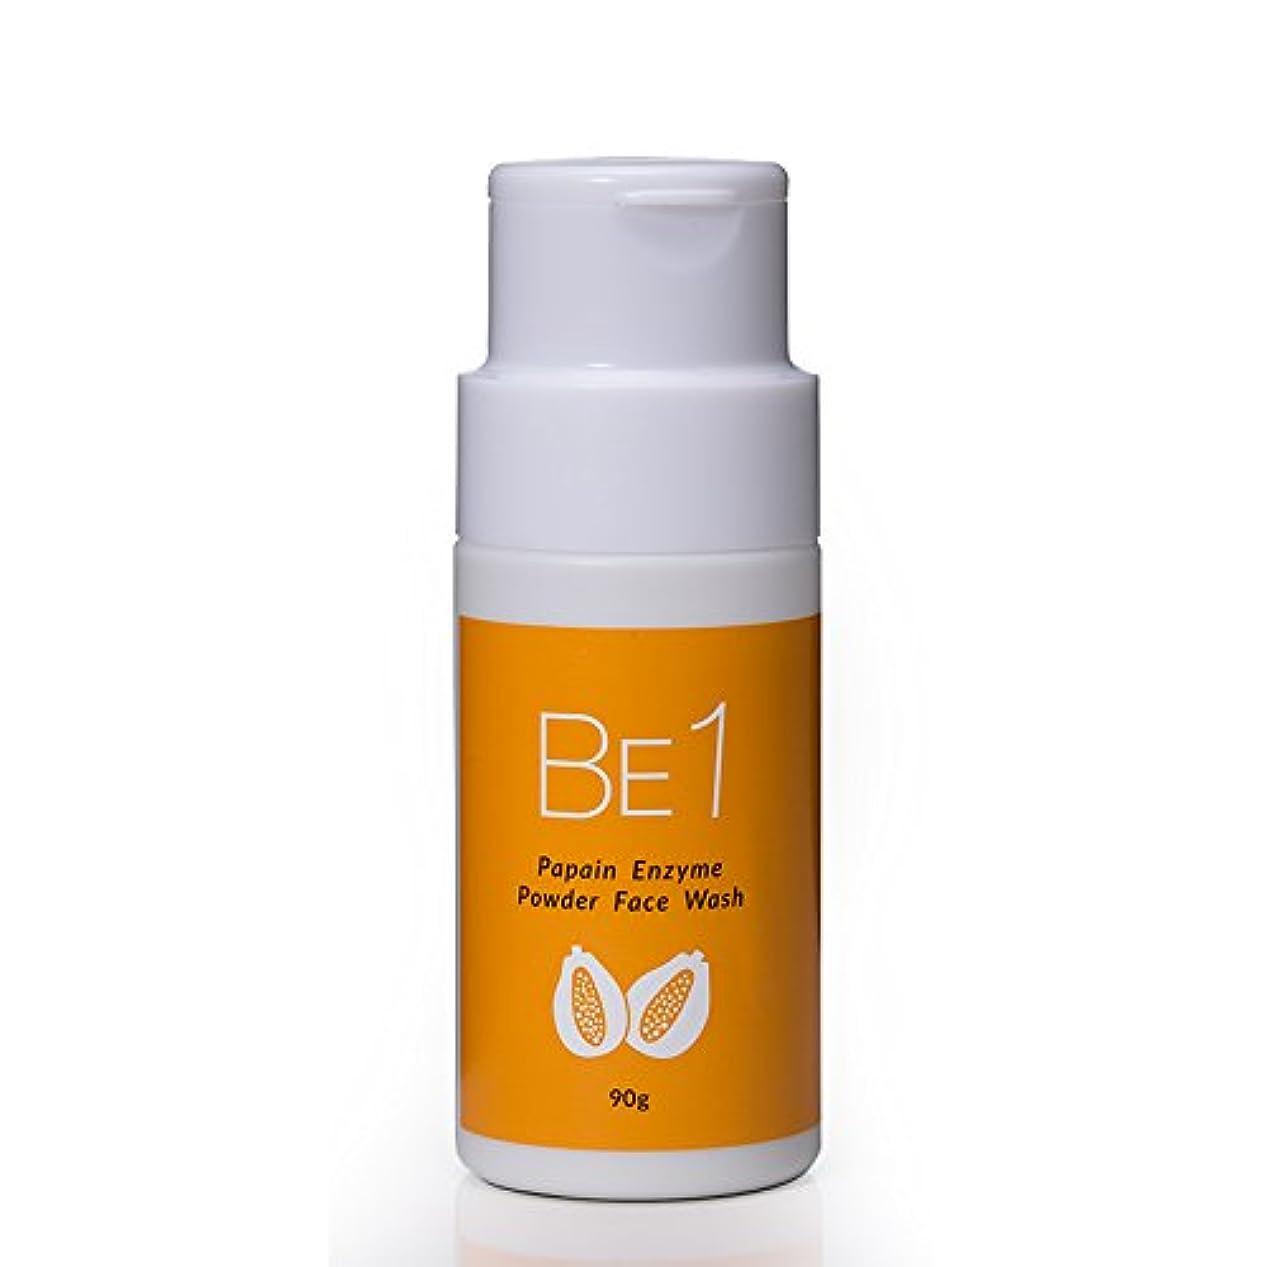 BE-1 ピュアフェイスクリーナー 酵素洗顔パウダー 90g